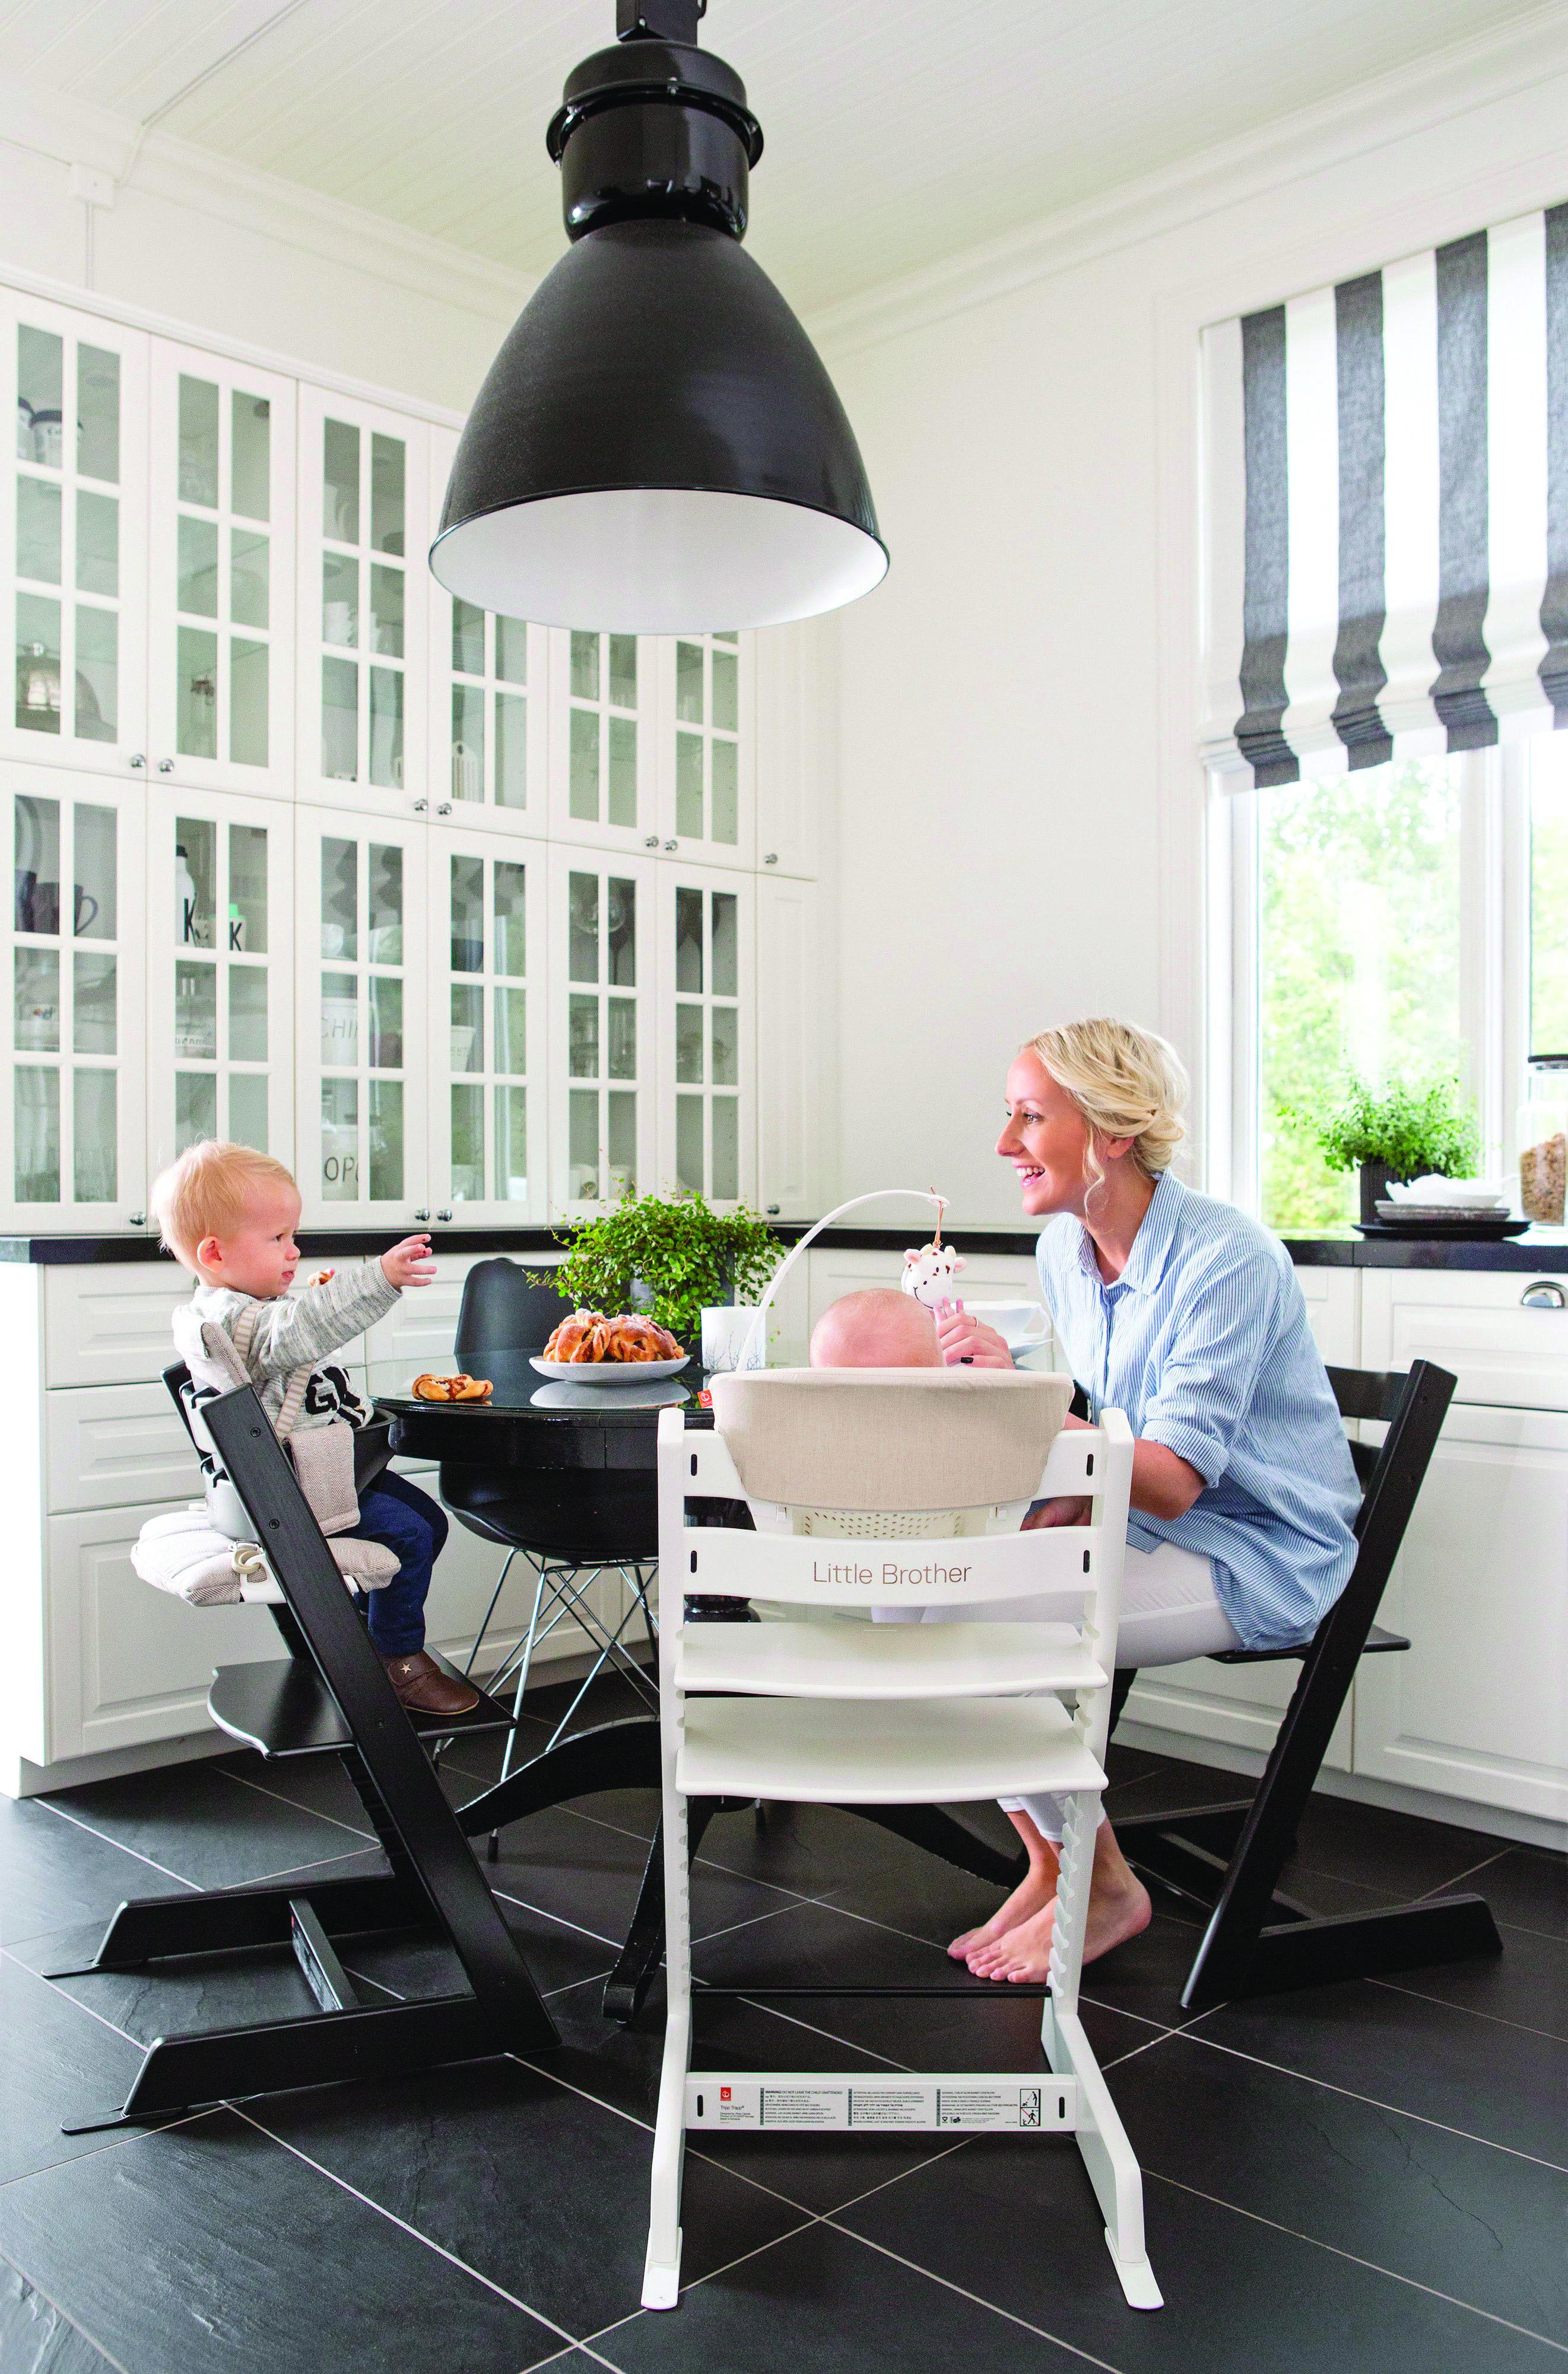 Cada Tiene Su Propio Nombre En Su Silla El Hermanito Tambien Stokke Tripptrapp Silla Living Room Chairs Stokke High Chair Accent Chair Set